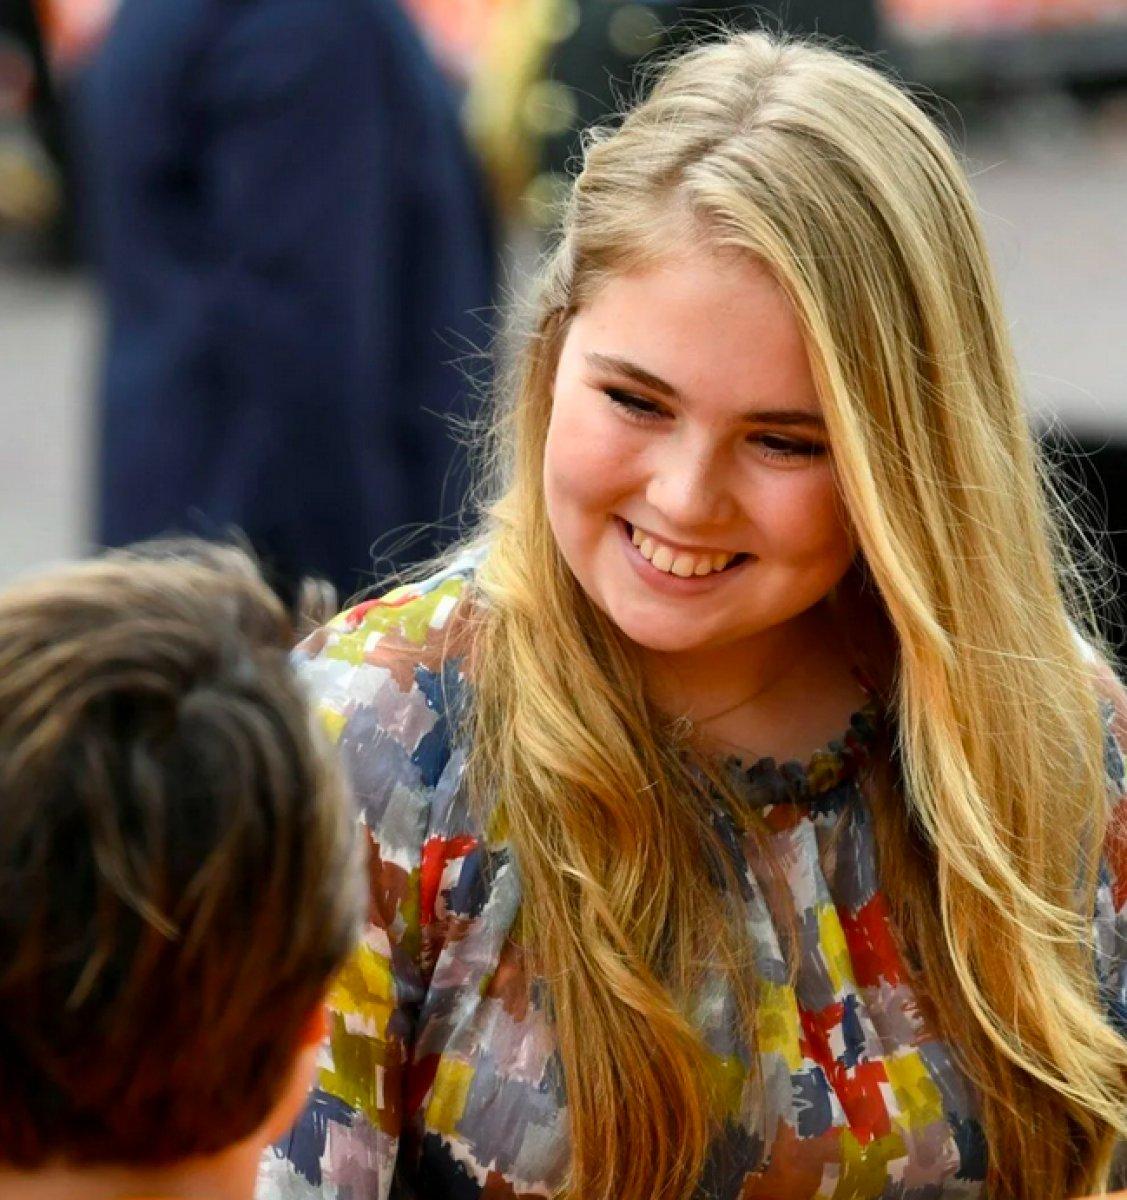 Hollanda Kraliyet Ailesi, eşcinsellik evlilik imkanından yararlanabilecek #5